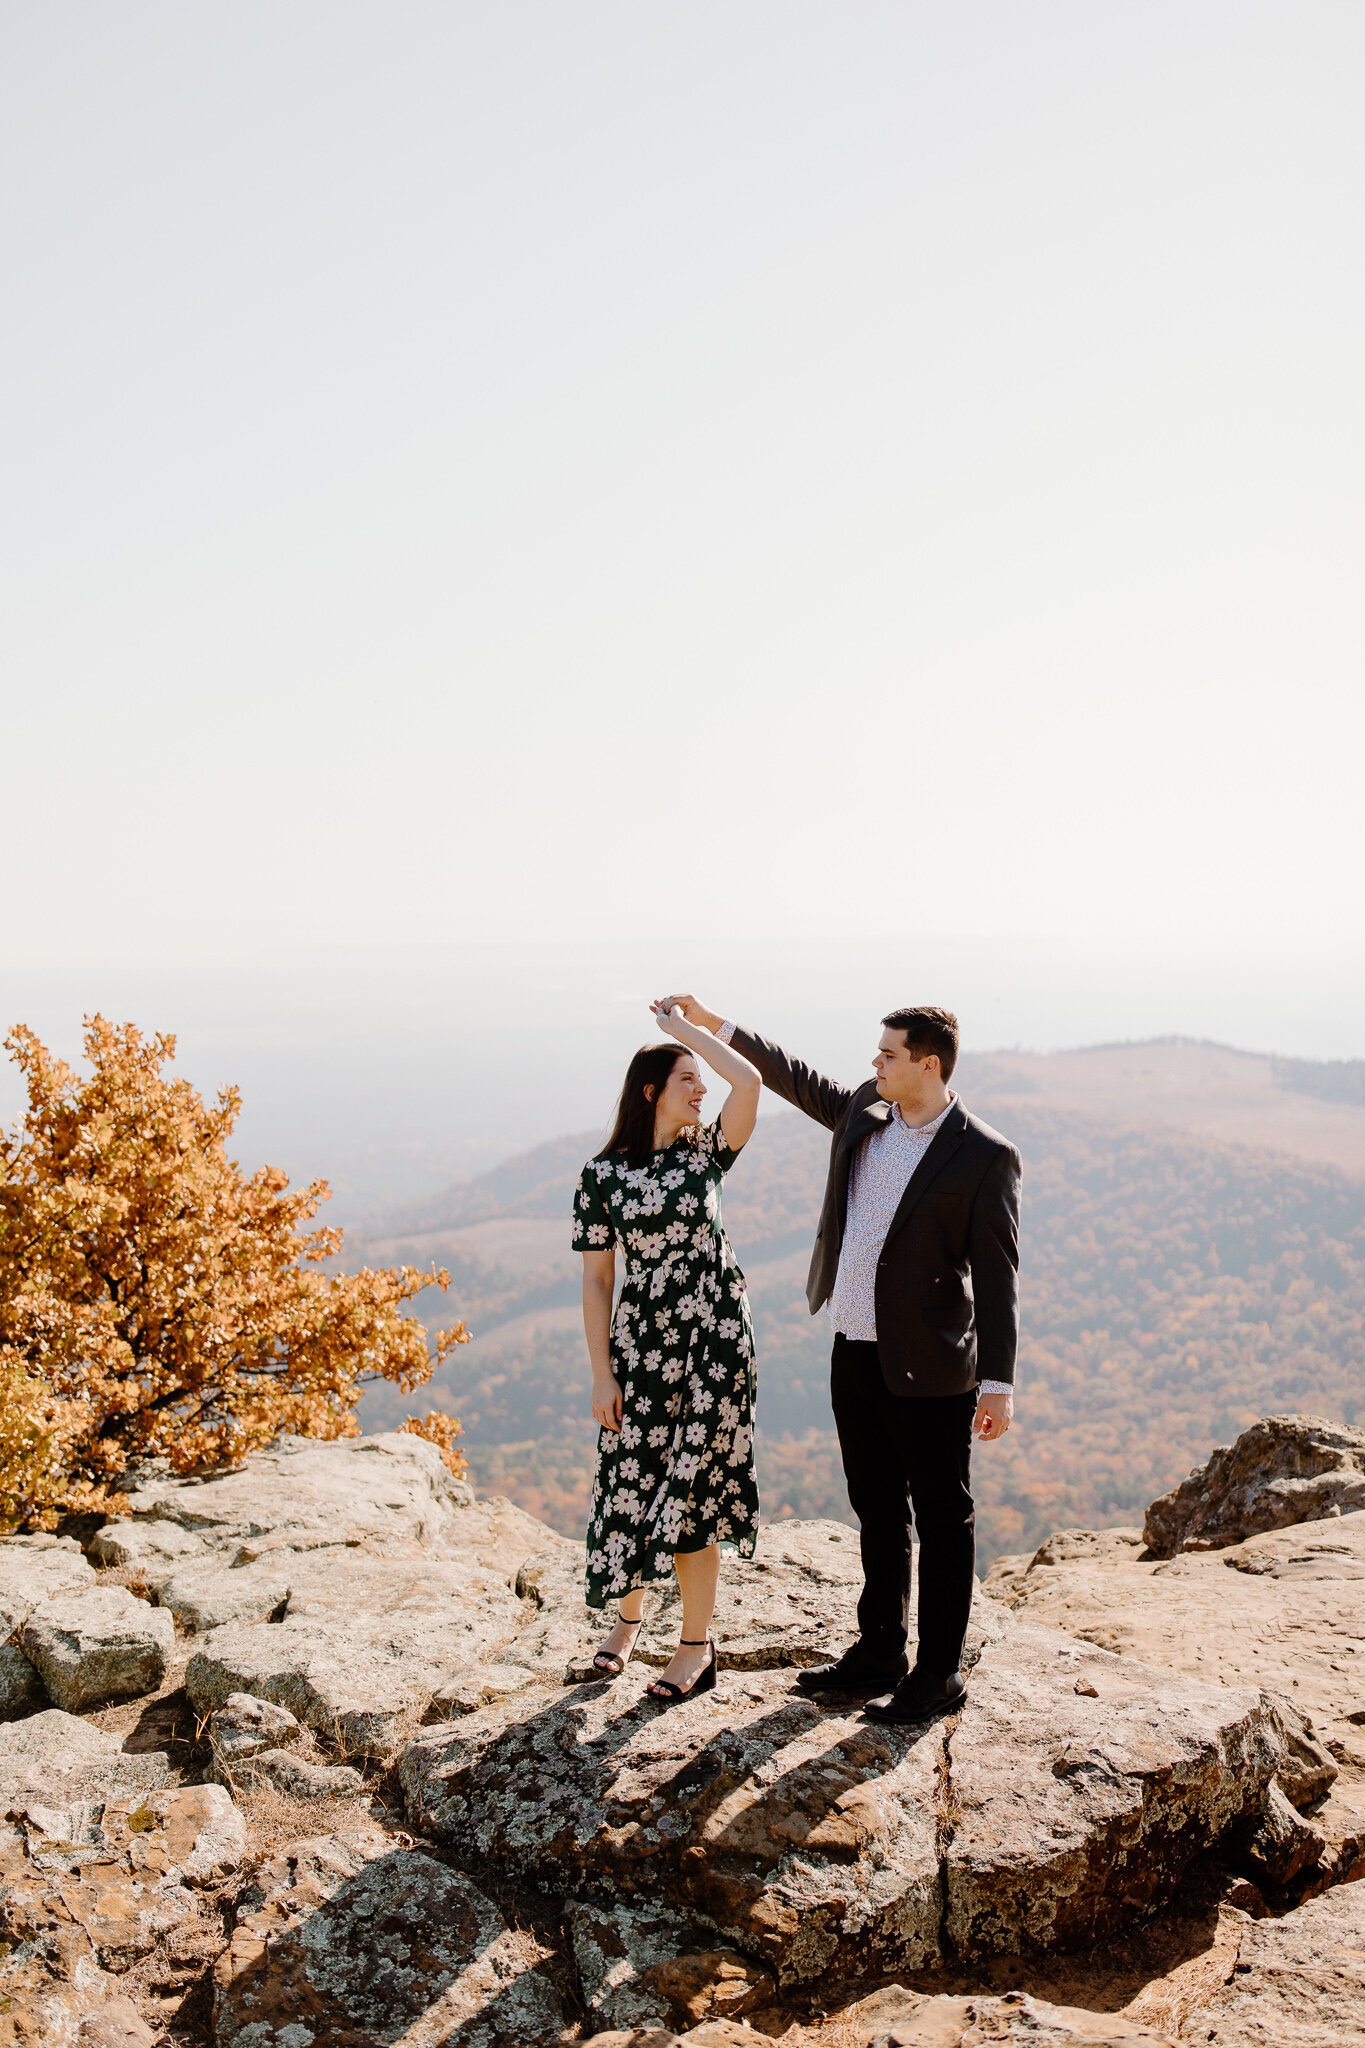 mount nebo engagement photos